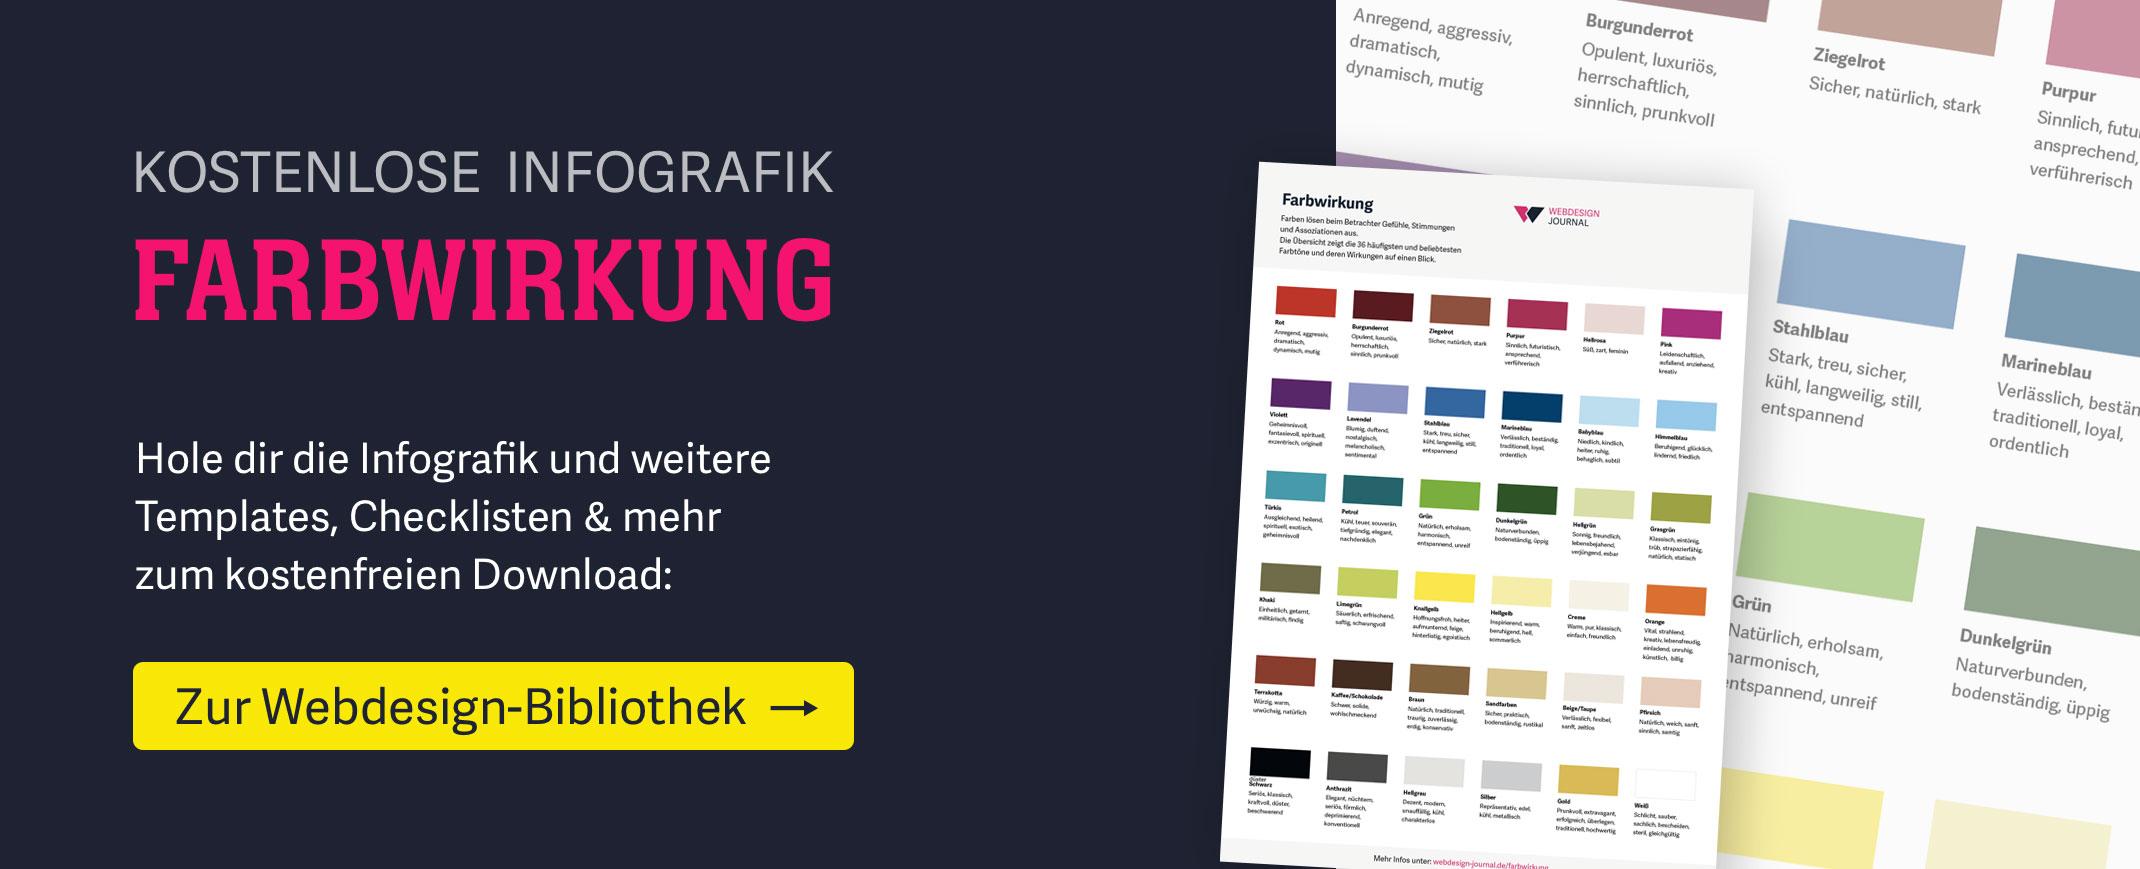 Kostenlose Infografik Farbwirkung